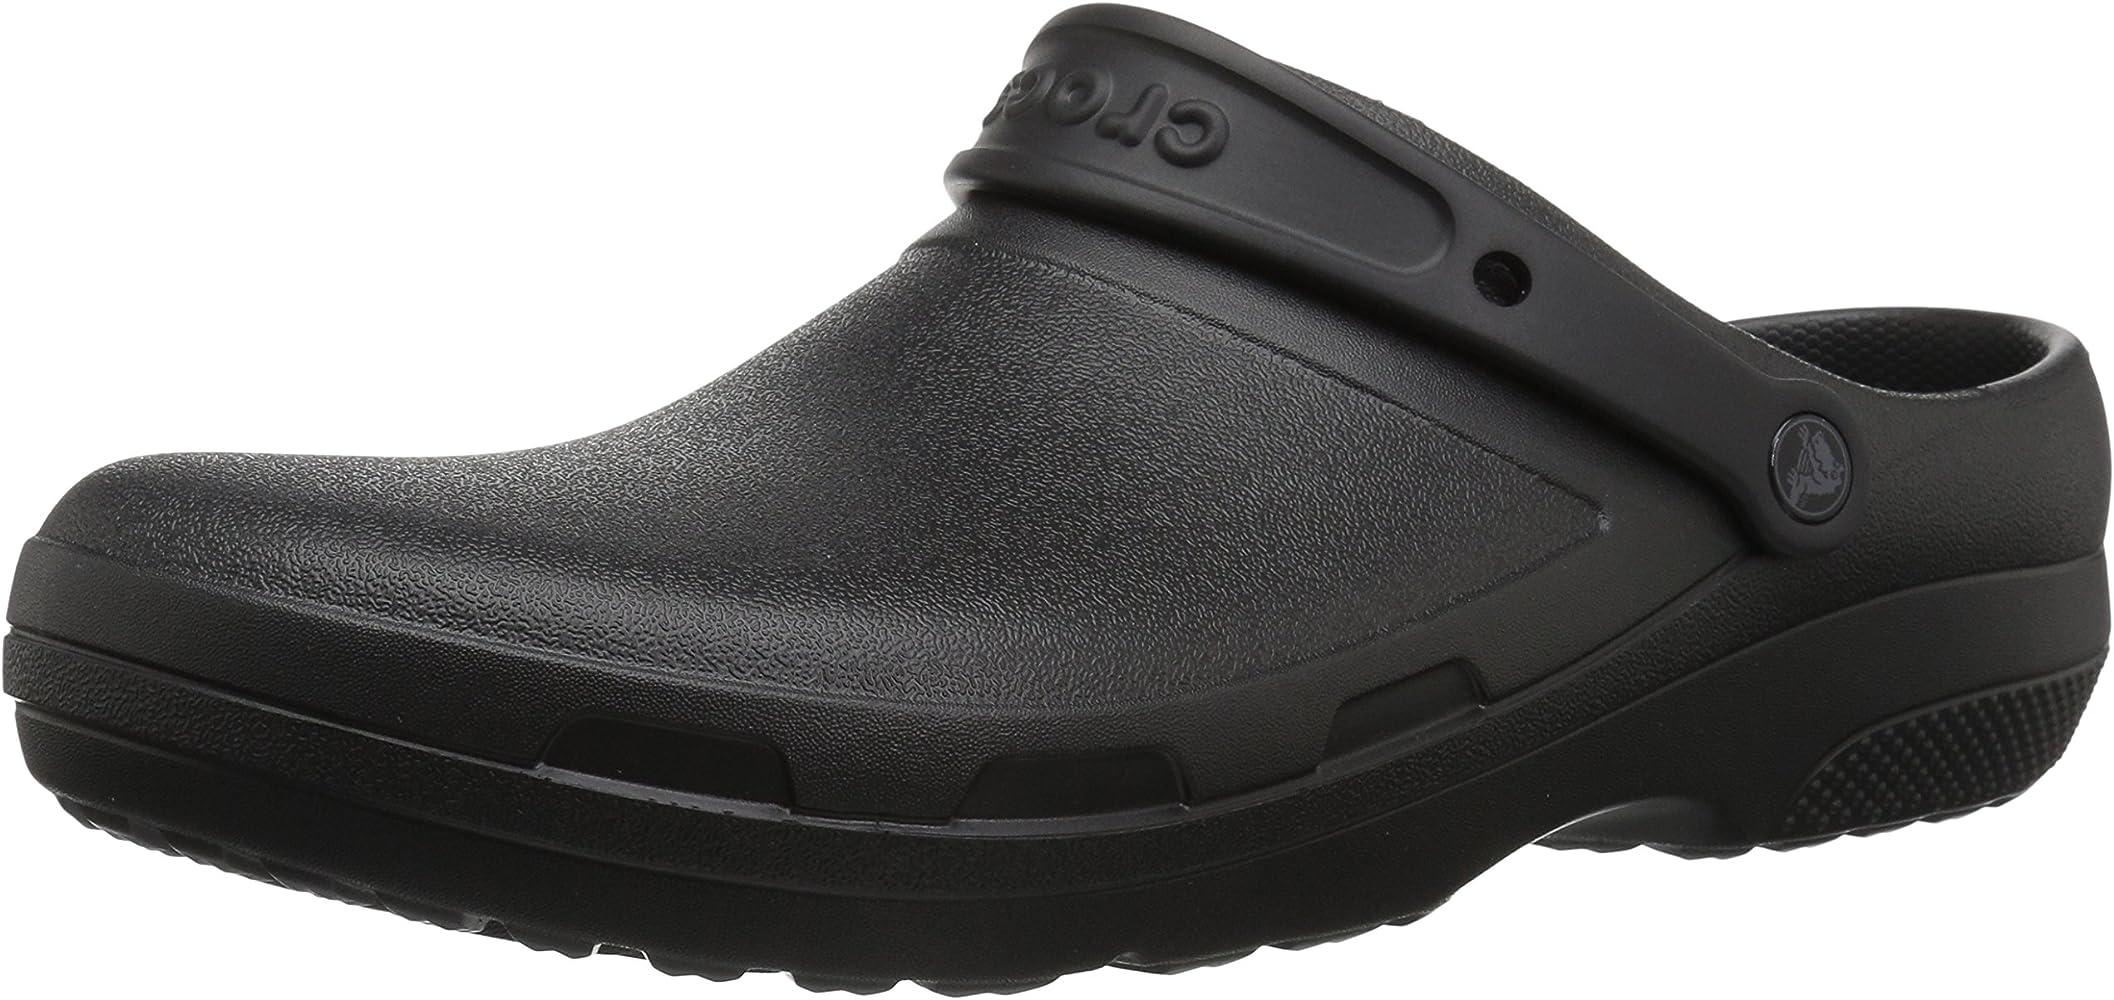 Amazon.com | Crocs Specialist II Clog